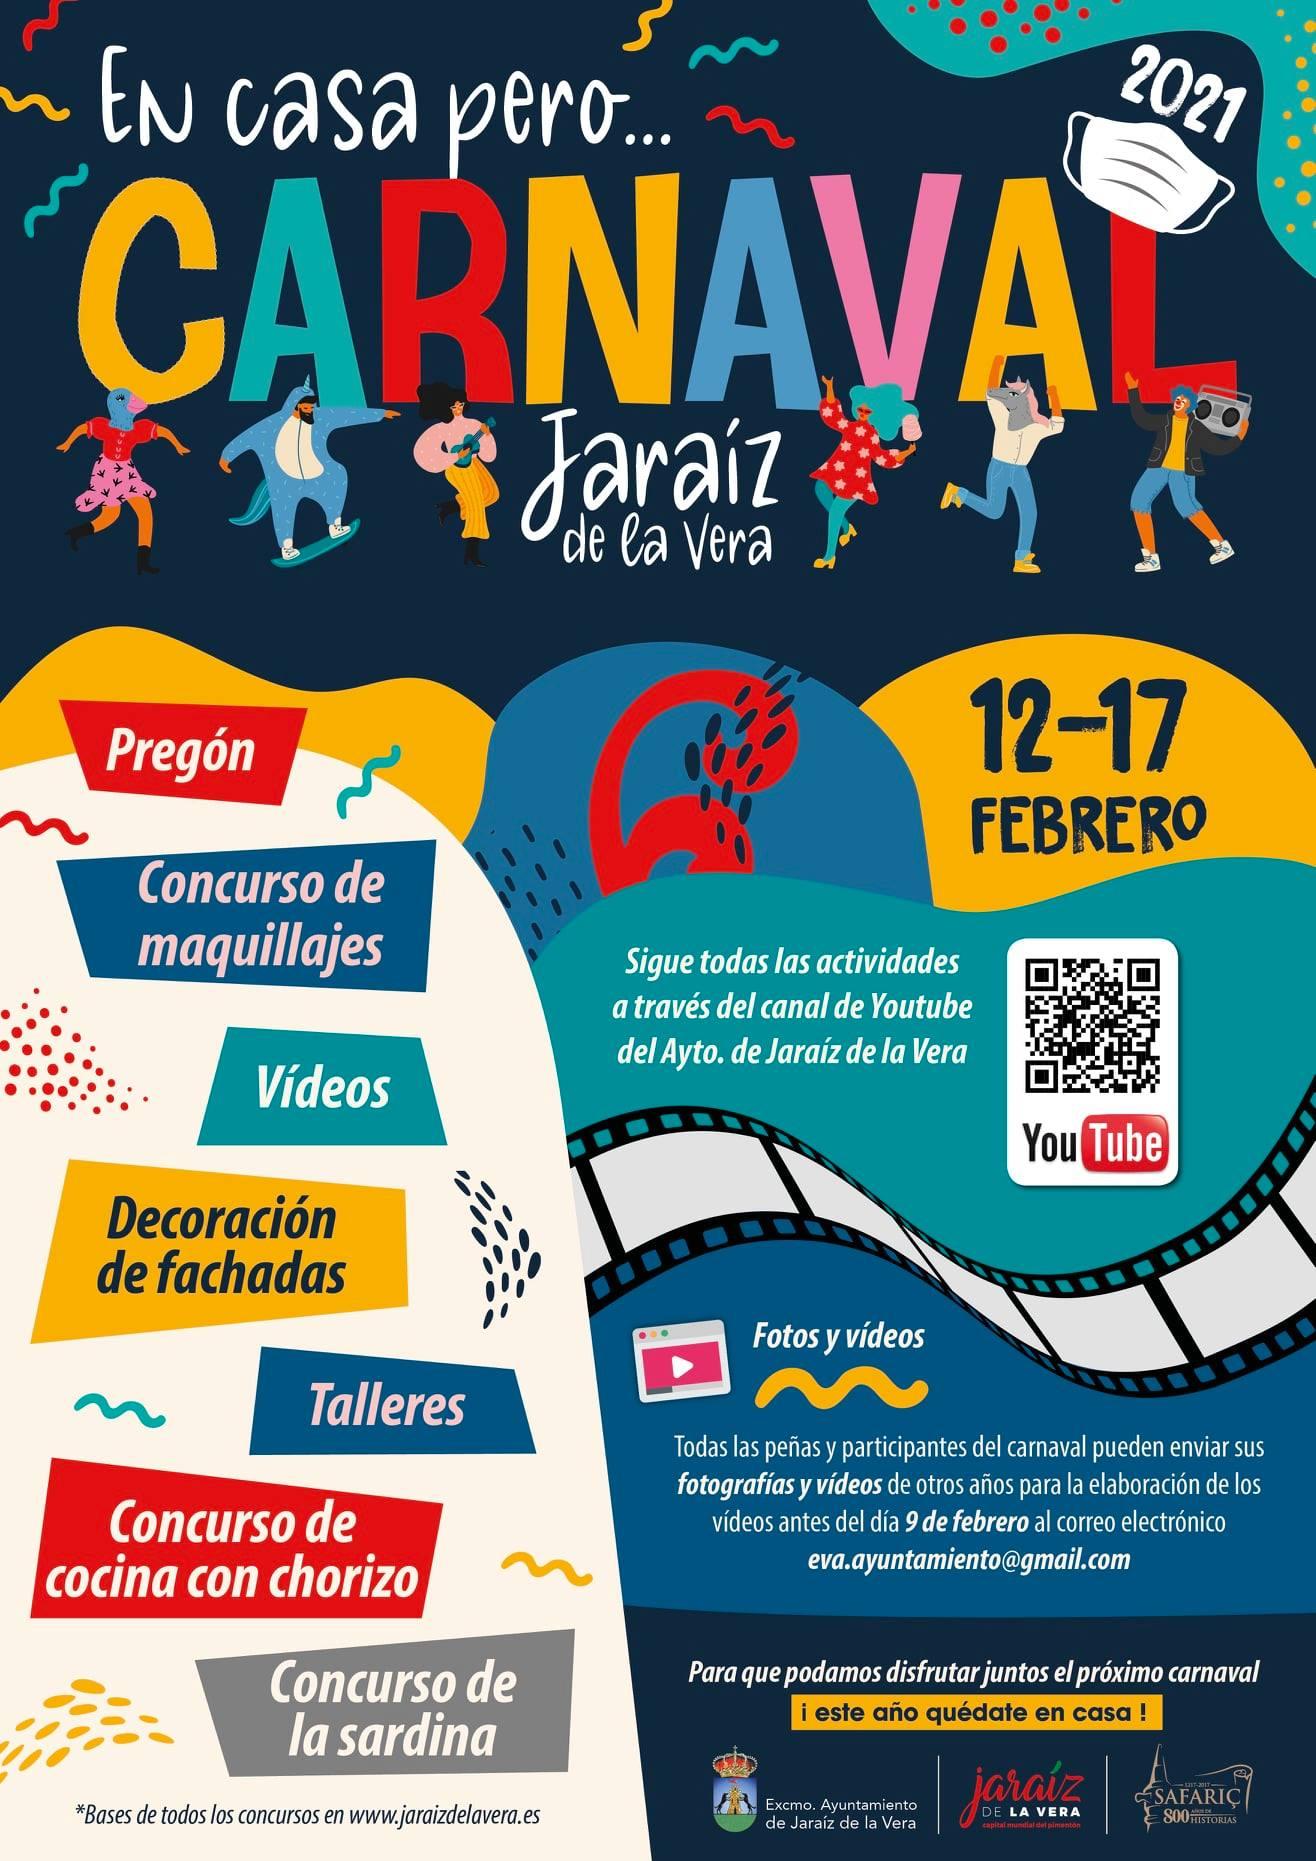 Carnaval (2021) - Jaraíz de la Vera (Cáceres) 1